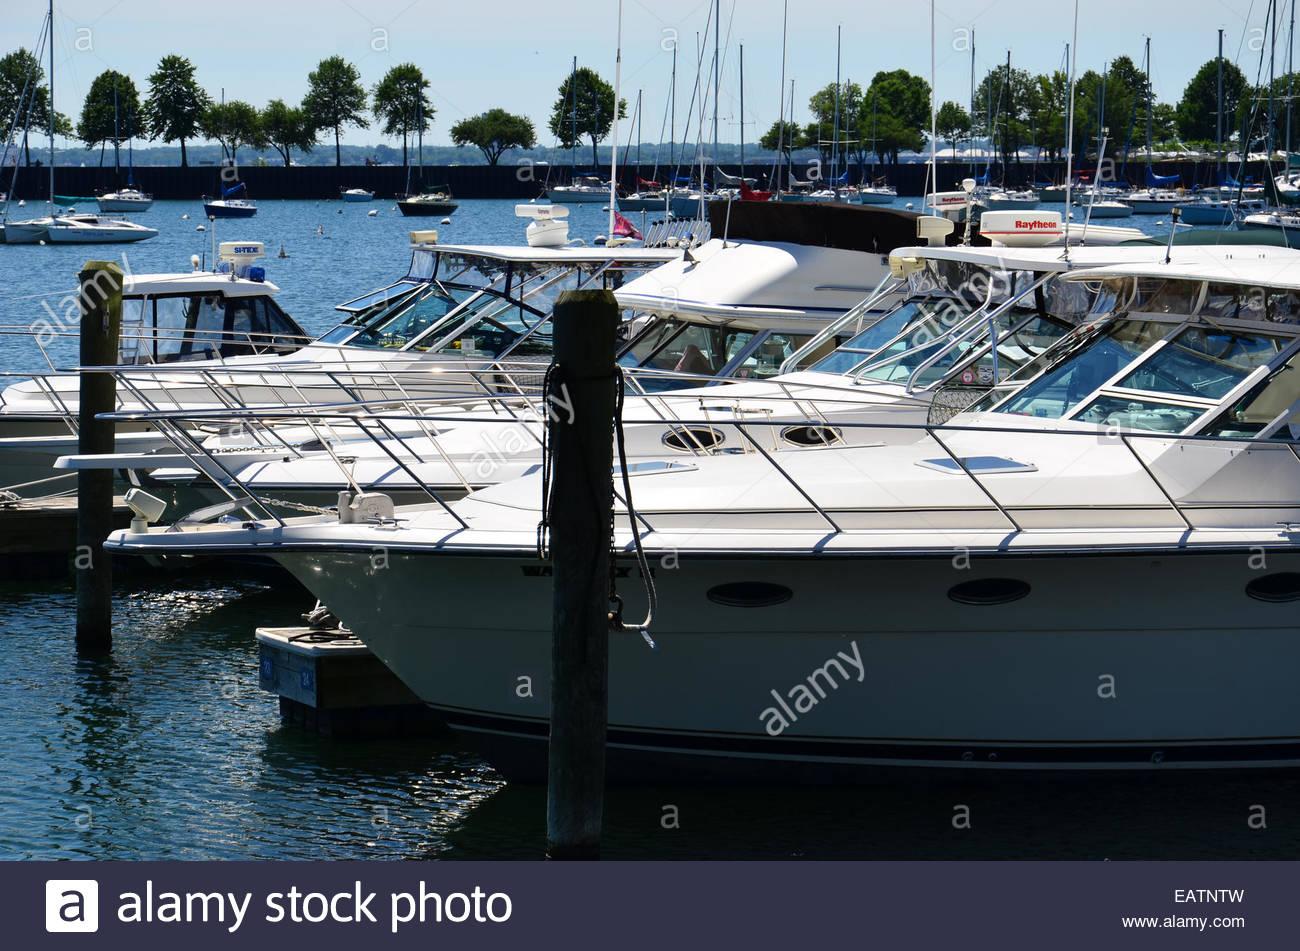 Motore entrobordo 'cabinati' ormeggiato a palificazioni a McKinley Marina. Immagini Stock